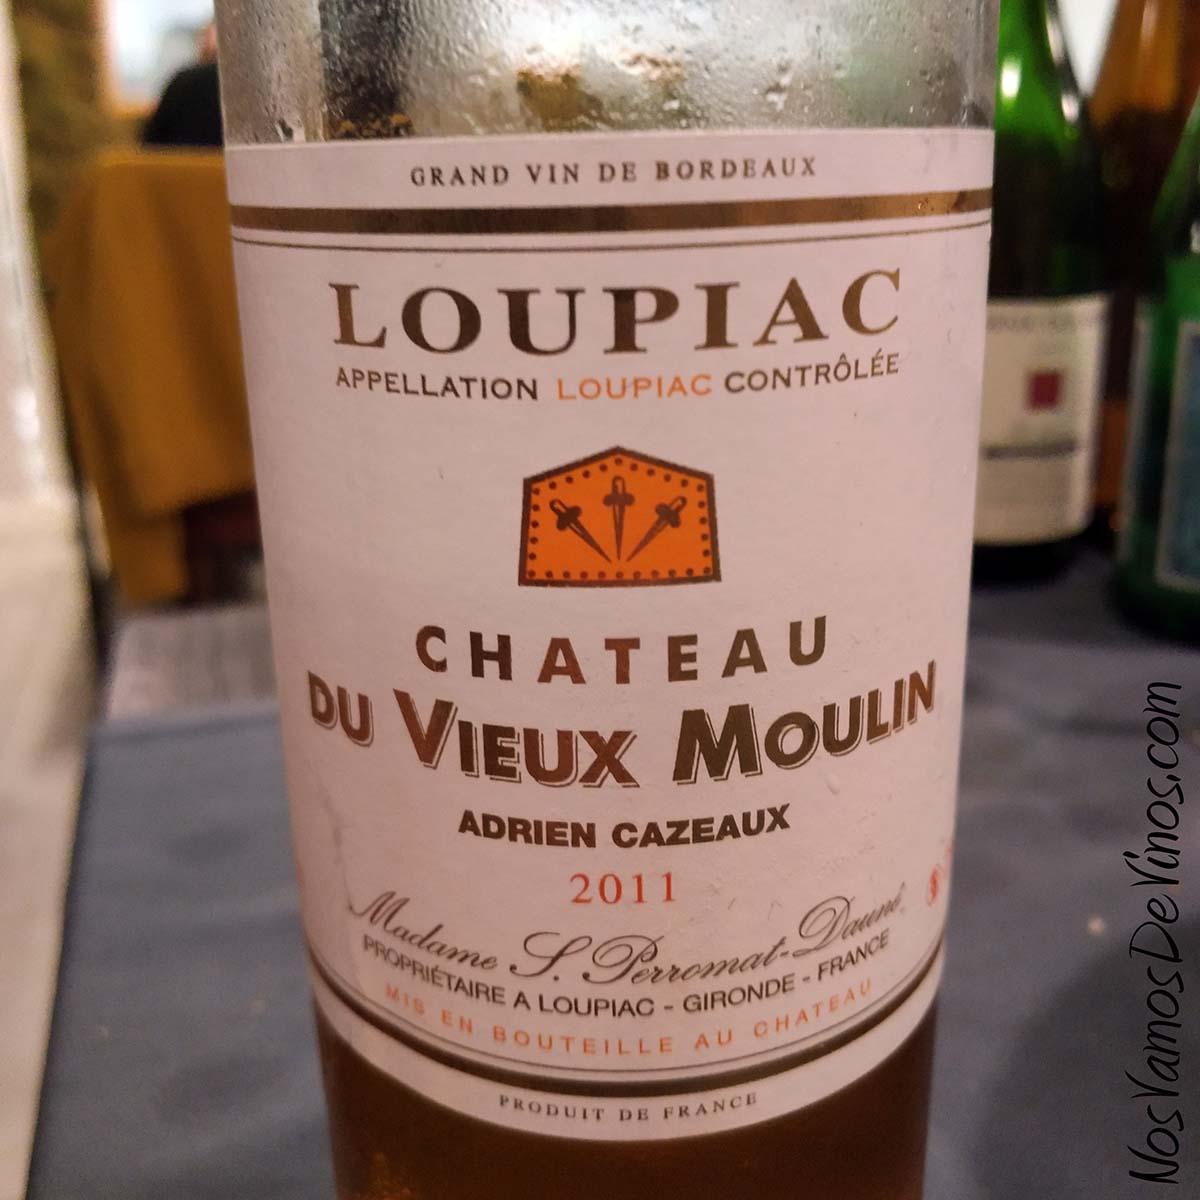 Chateau Du Vieux Moulin Loupiac 2011 Detalle